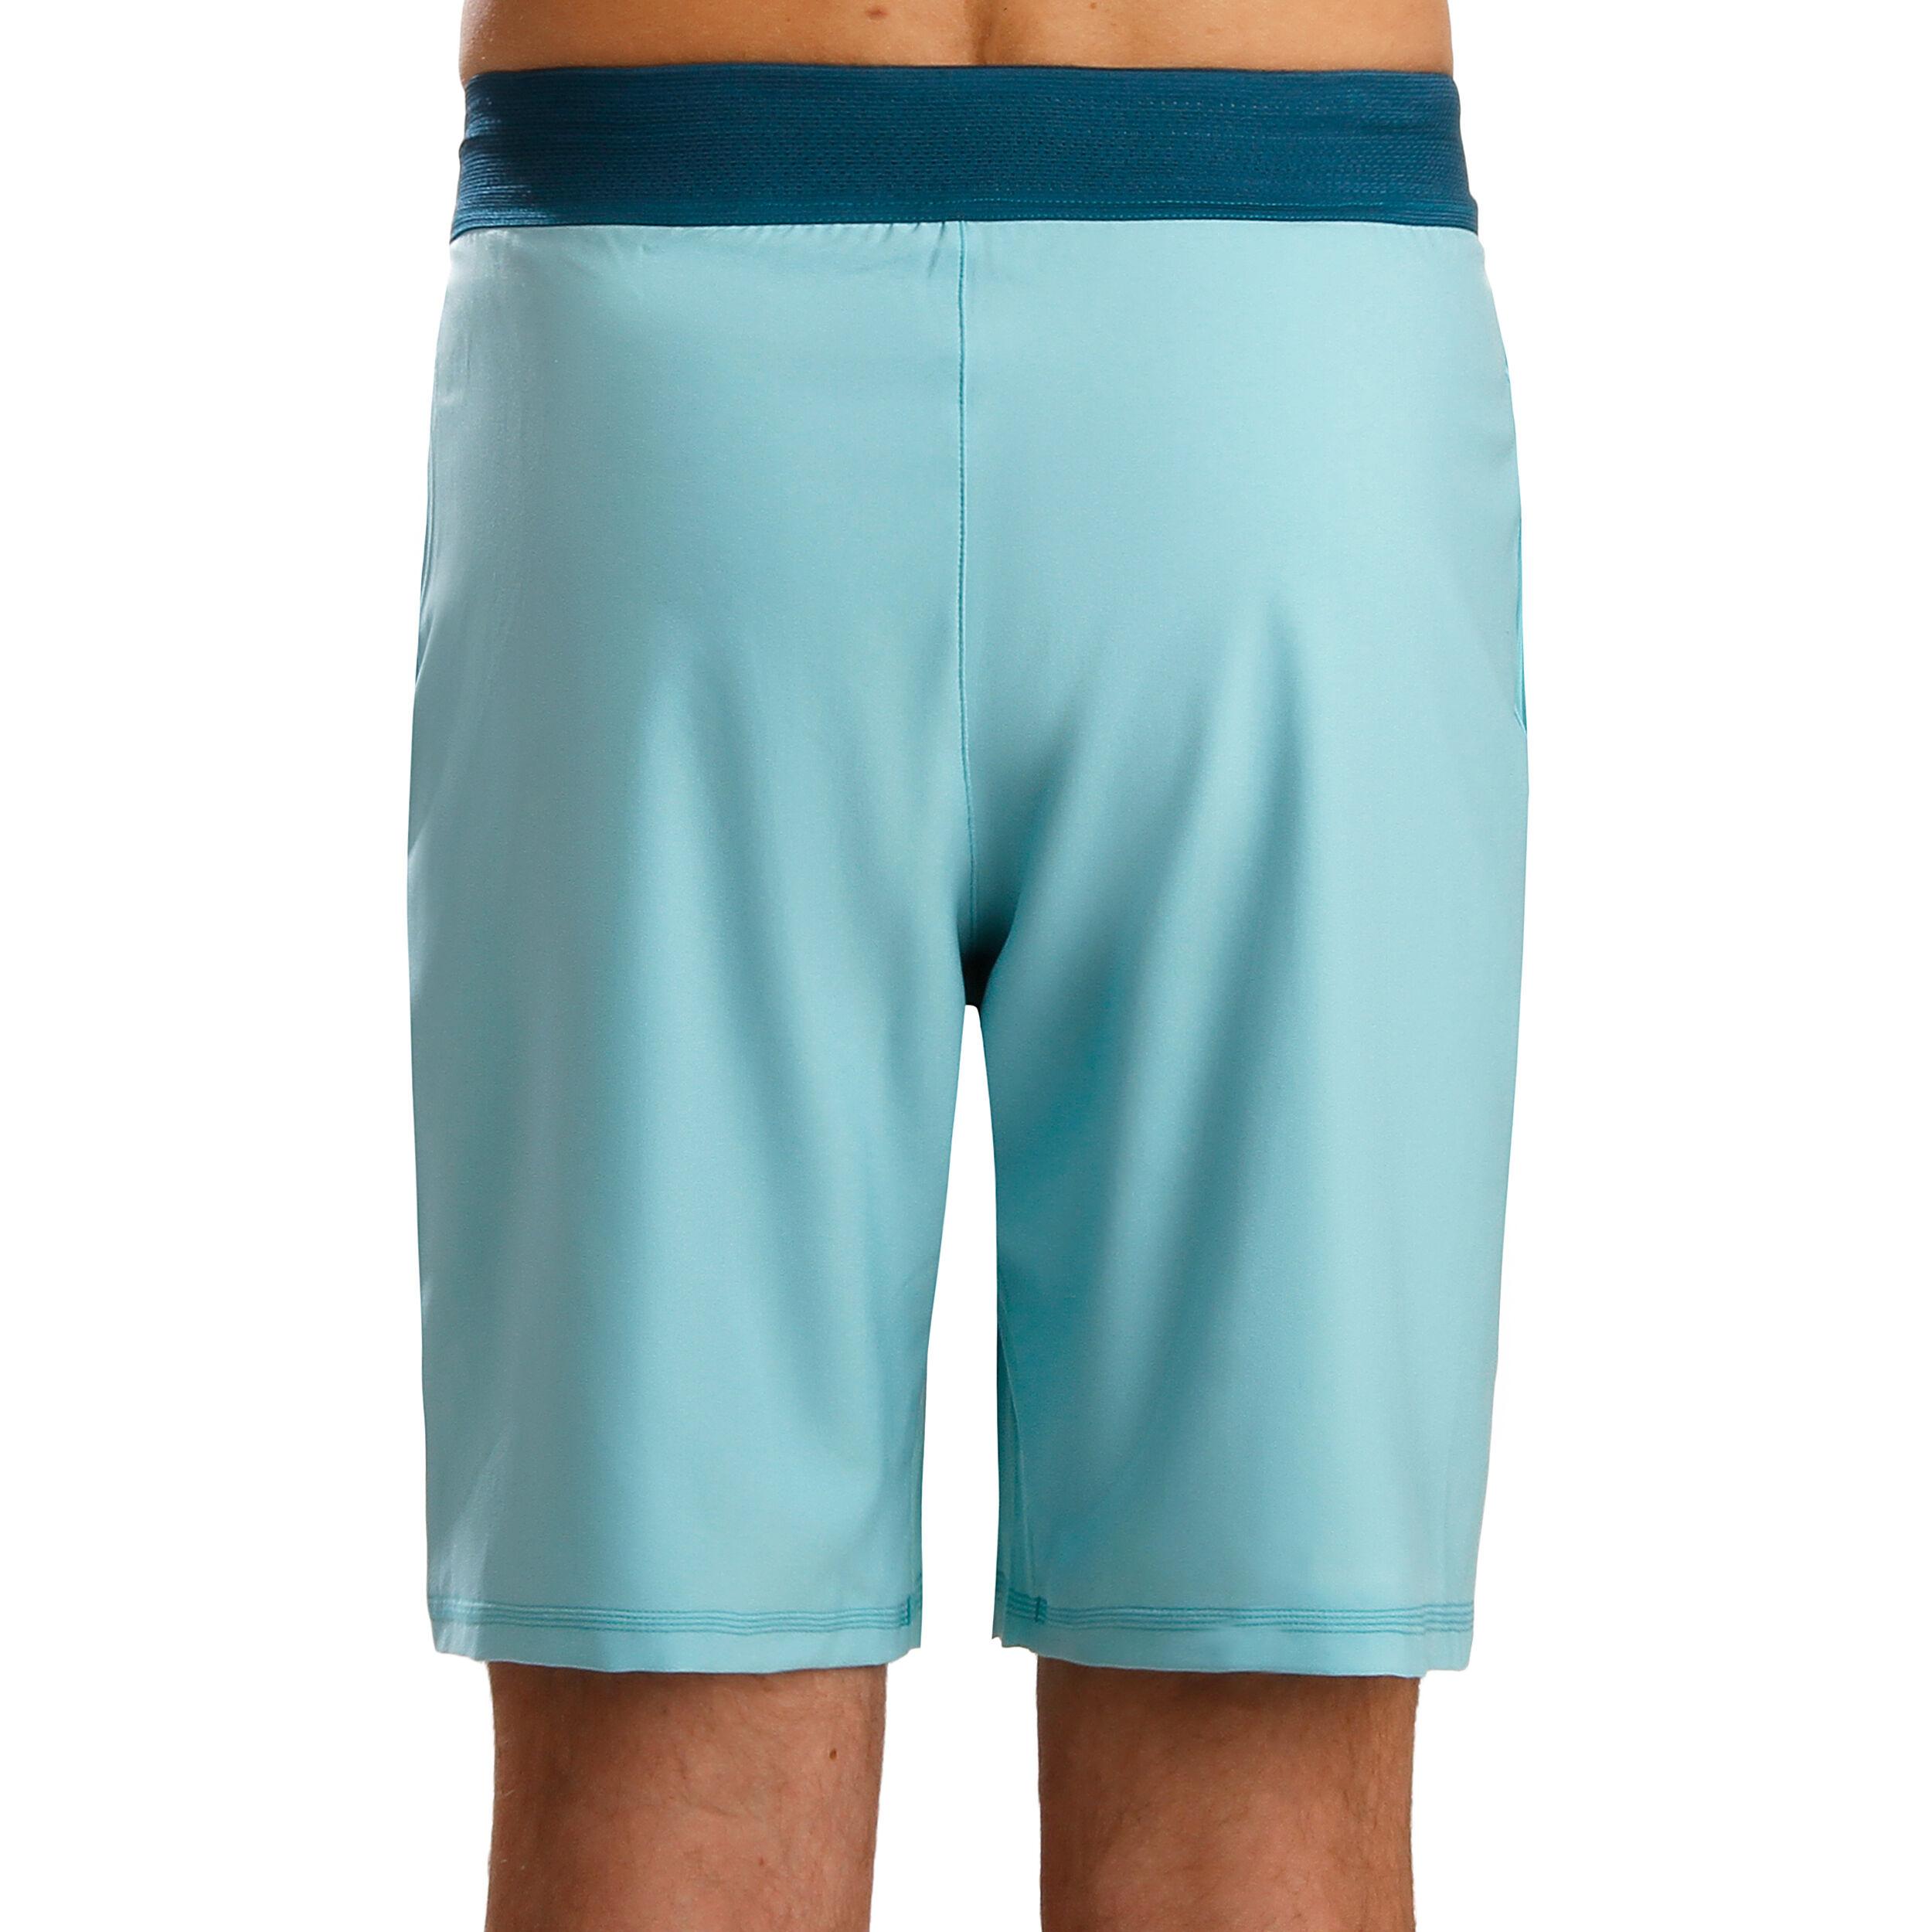 adidas Parley Shorts Herren Mint, Petrol online kaufen